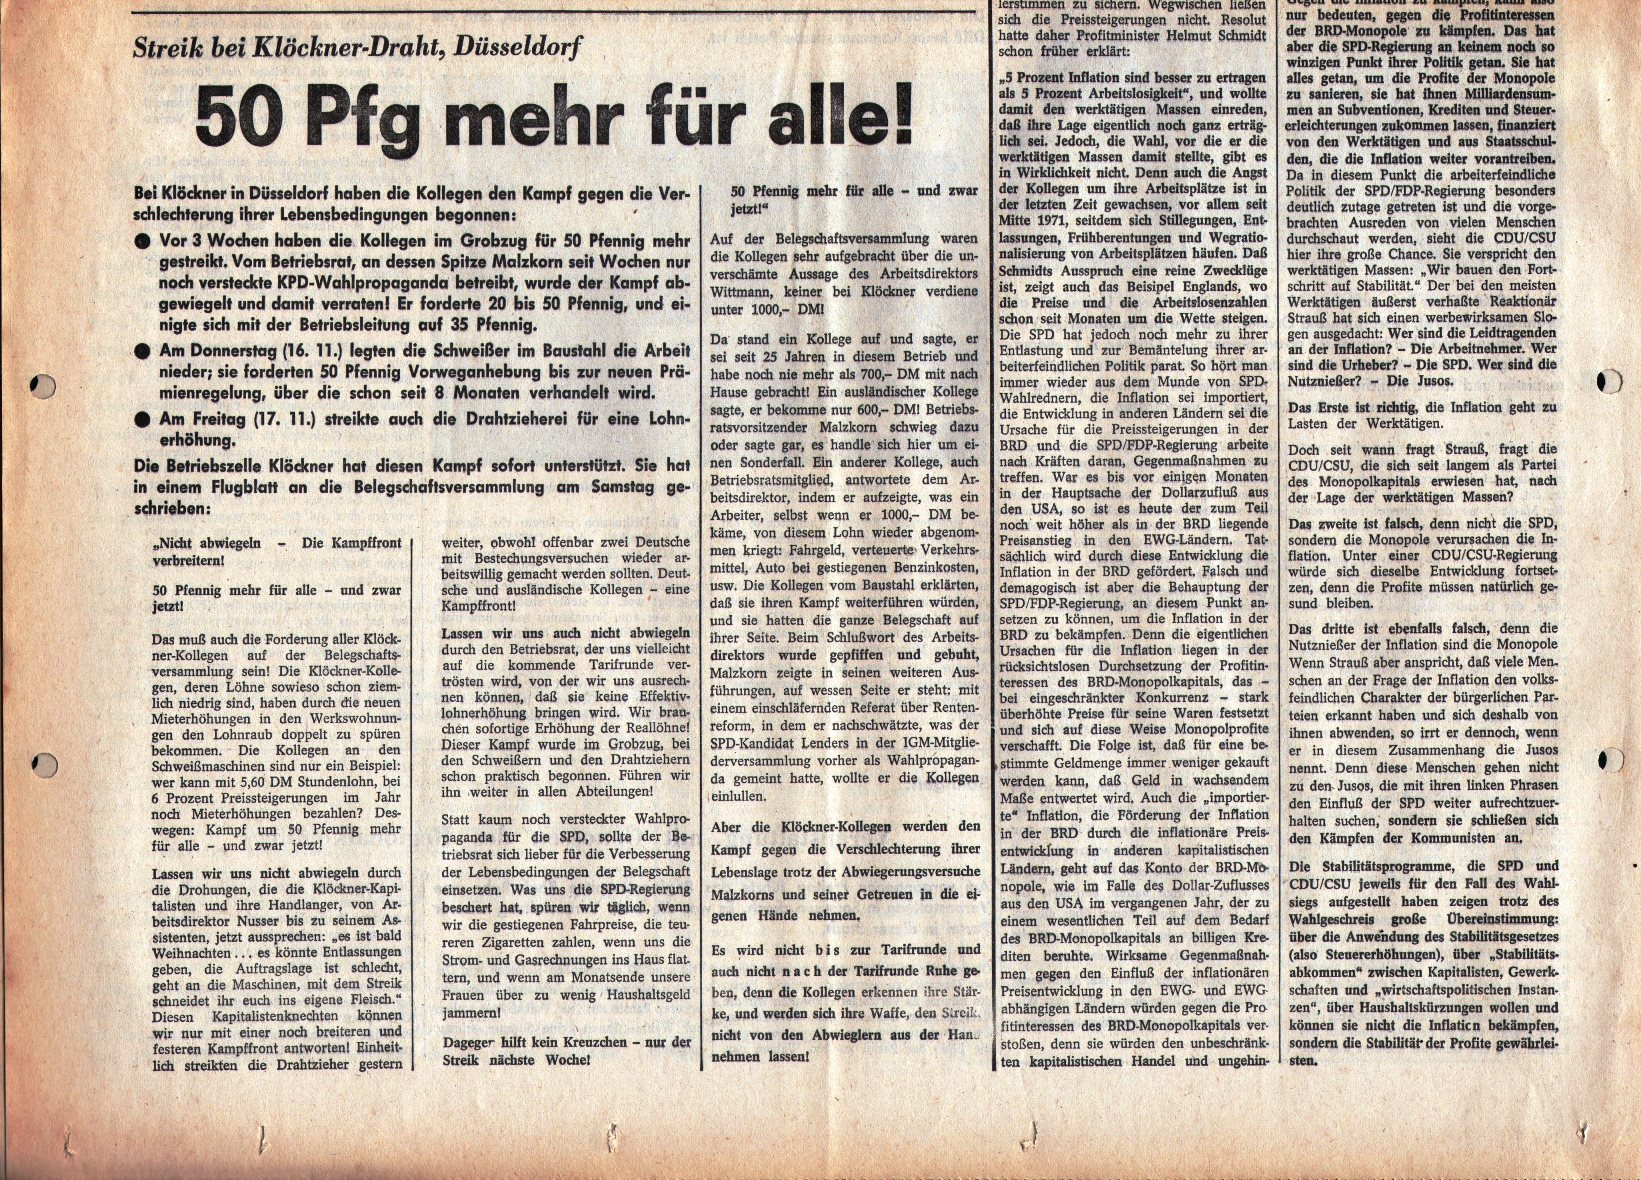 KPD_Rote_Fahne_1972_70_08